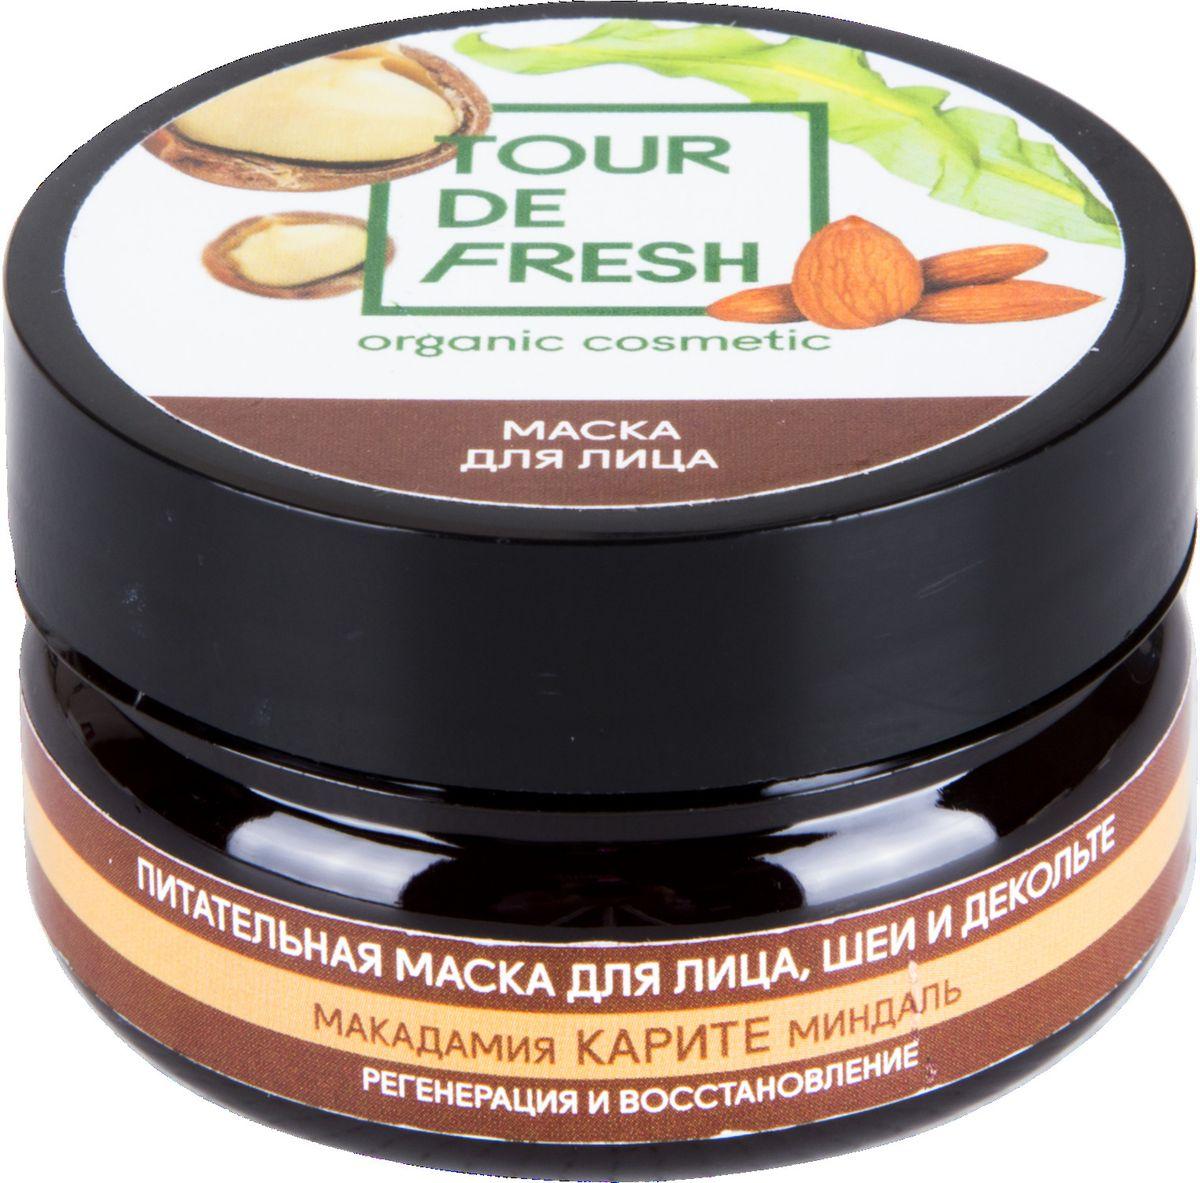 Tour De Fresh Питательная маска для лица, шеи и декольте Макадамия, каритэ и миндаль, 60 мл380703Питательная маска для лица делает кожу бархатистой и мягкой. Миндальное масло глубоко питает клетки кожи, насыщает ее влагой и восстанавливает естественный PH-баланс. Масло карите уменьшает возрастные изменения, скрывая видимые недостатки на коже шеи и зоны декольте. Экстракт макадамии омолаживает кожу, придавая ей привлекательный и здоровый вид.